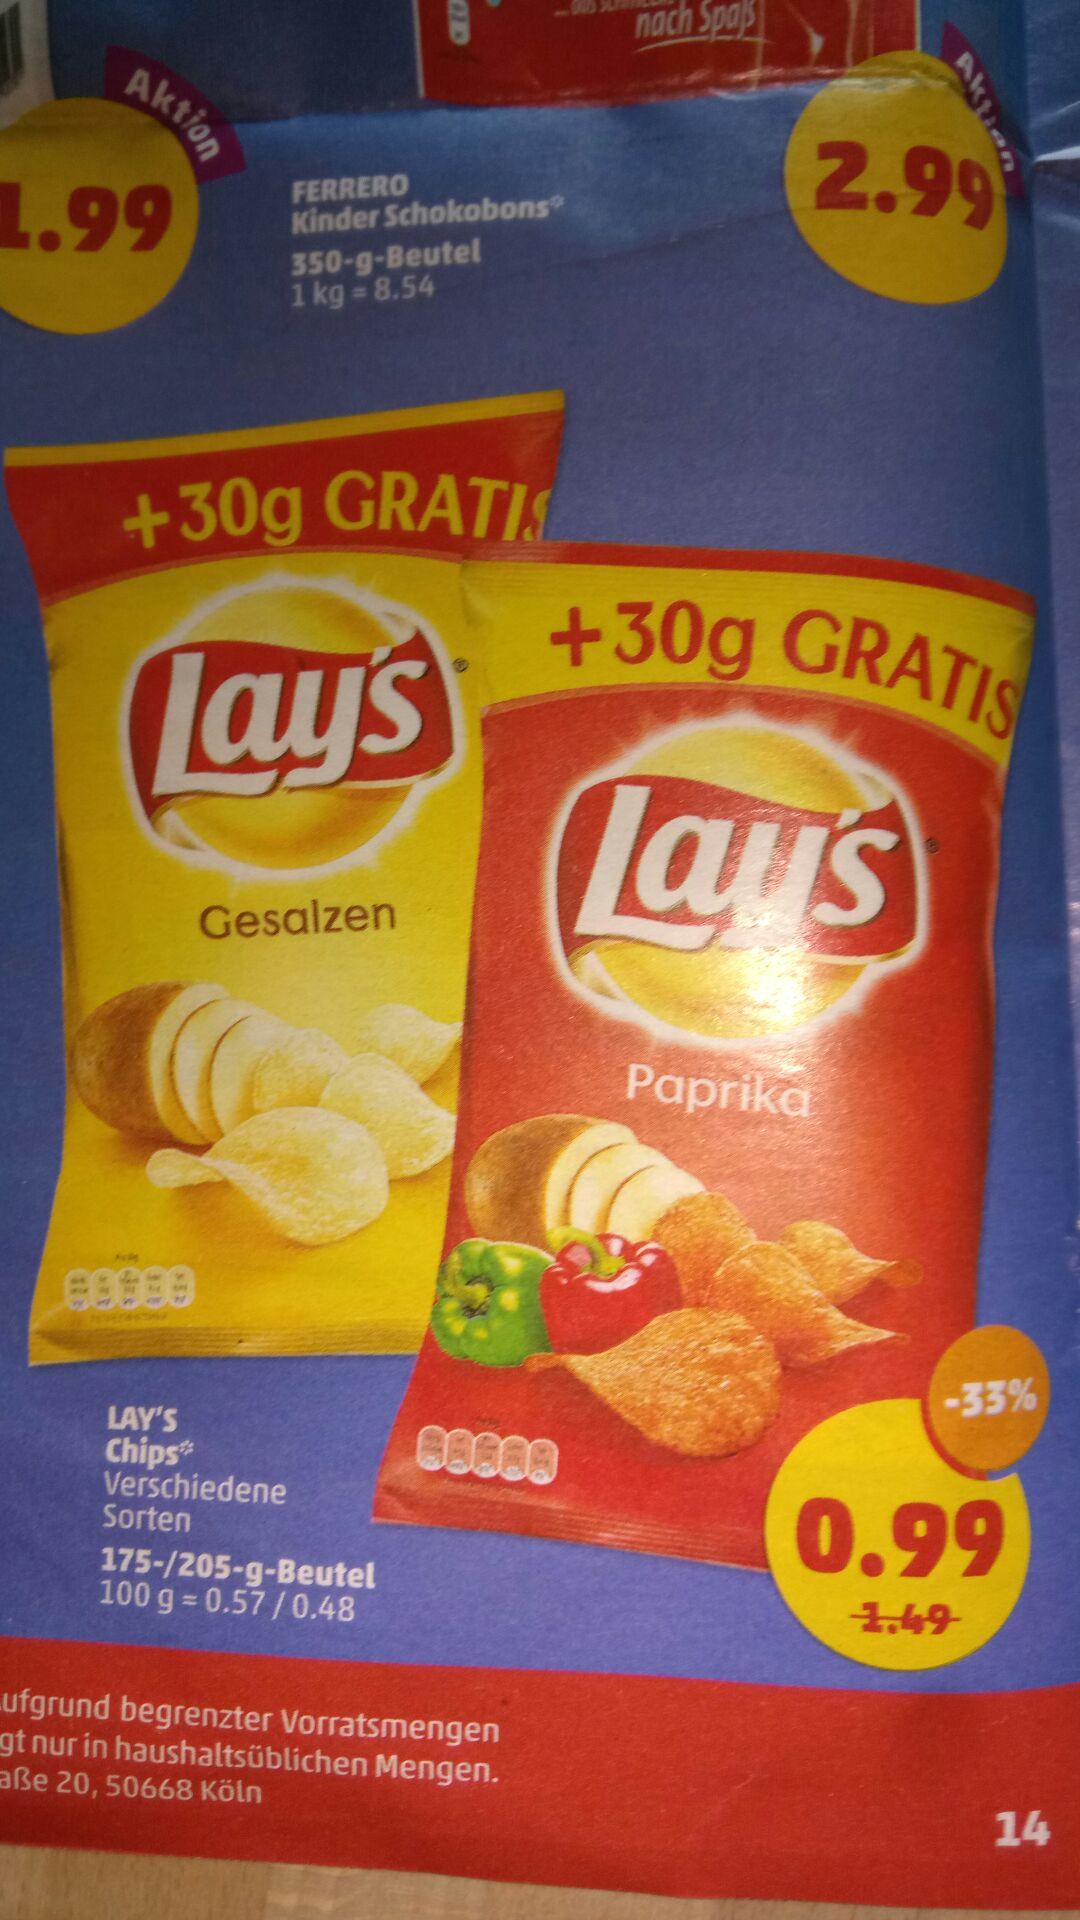 Lays Chips mit 30g mehr Inhalt, Penny